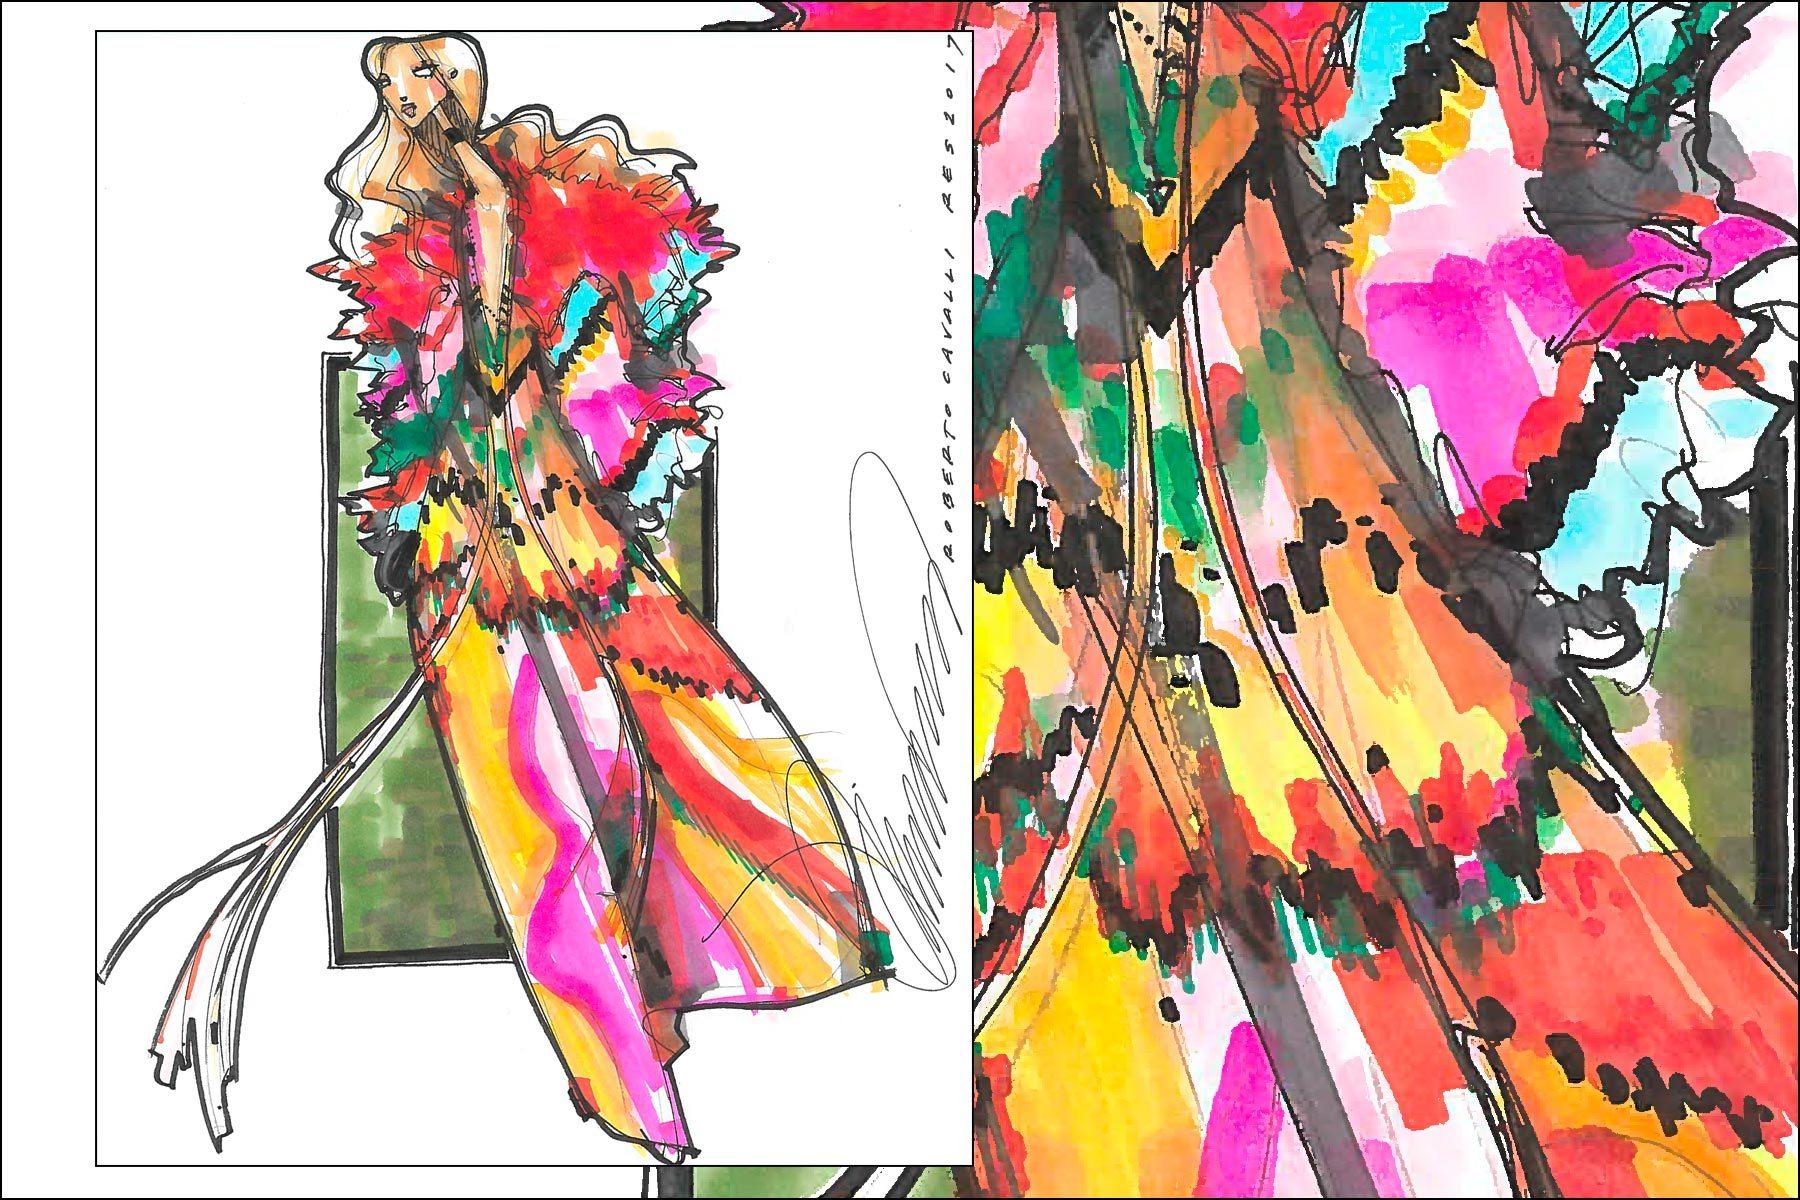 Roberto Cavalli Resort 2017 fashion illustration by Michael Ward. Ponyboy magazine New York.